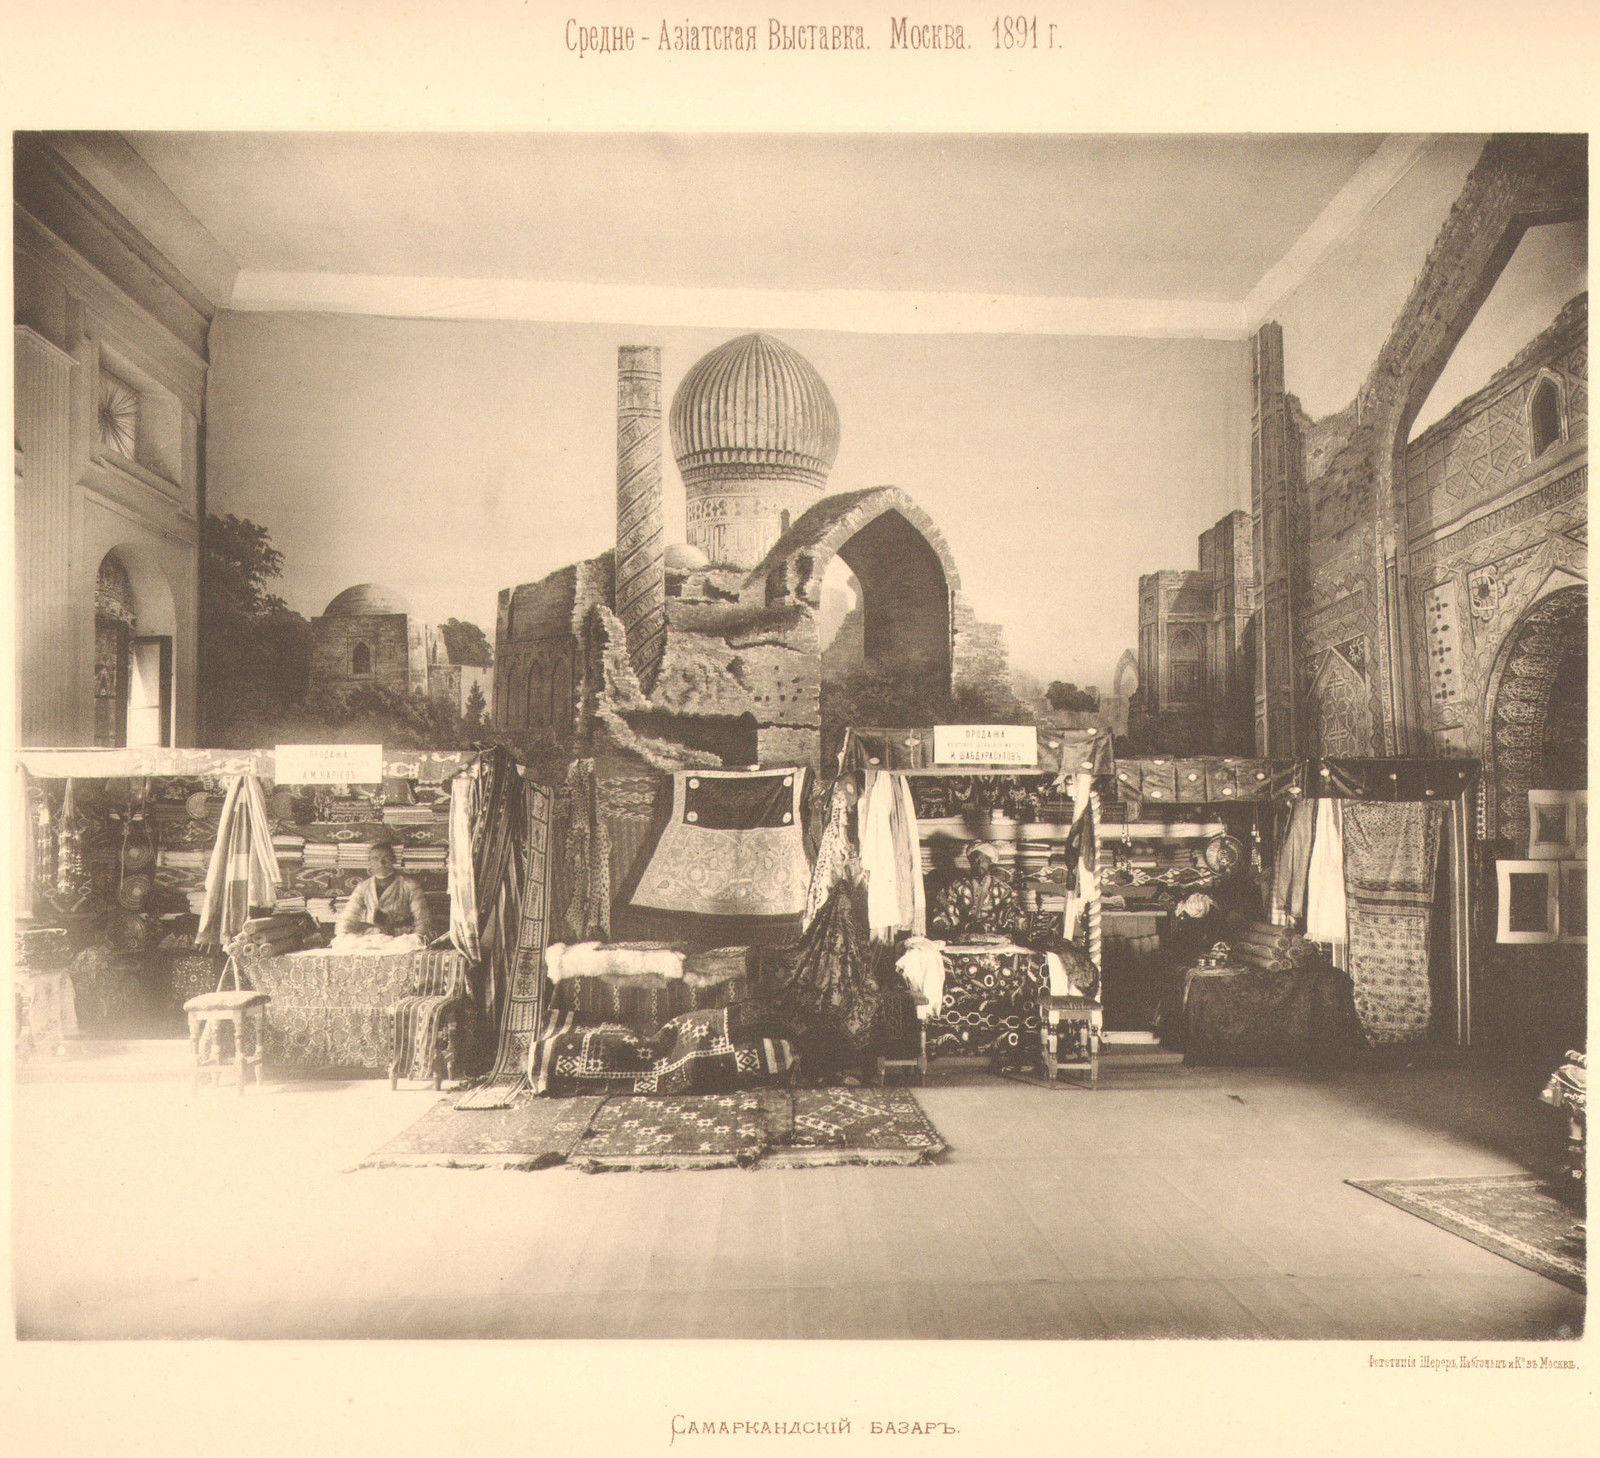 05. Самаркандский базар